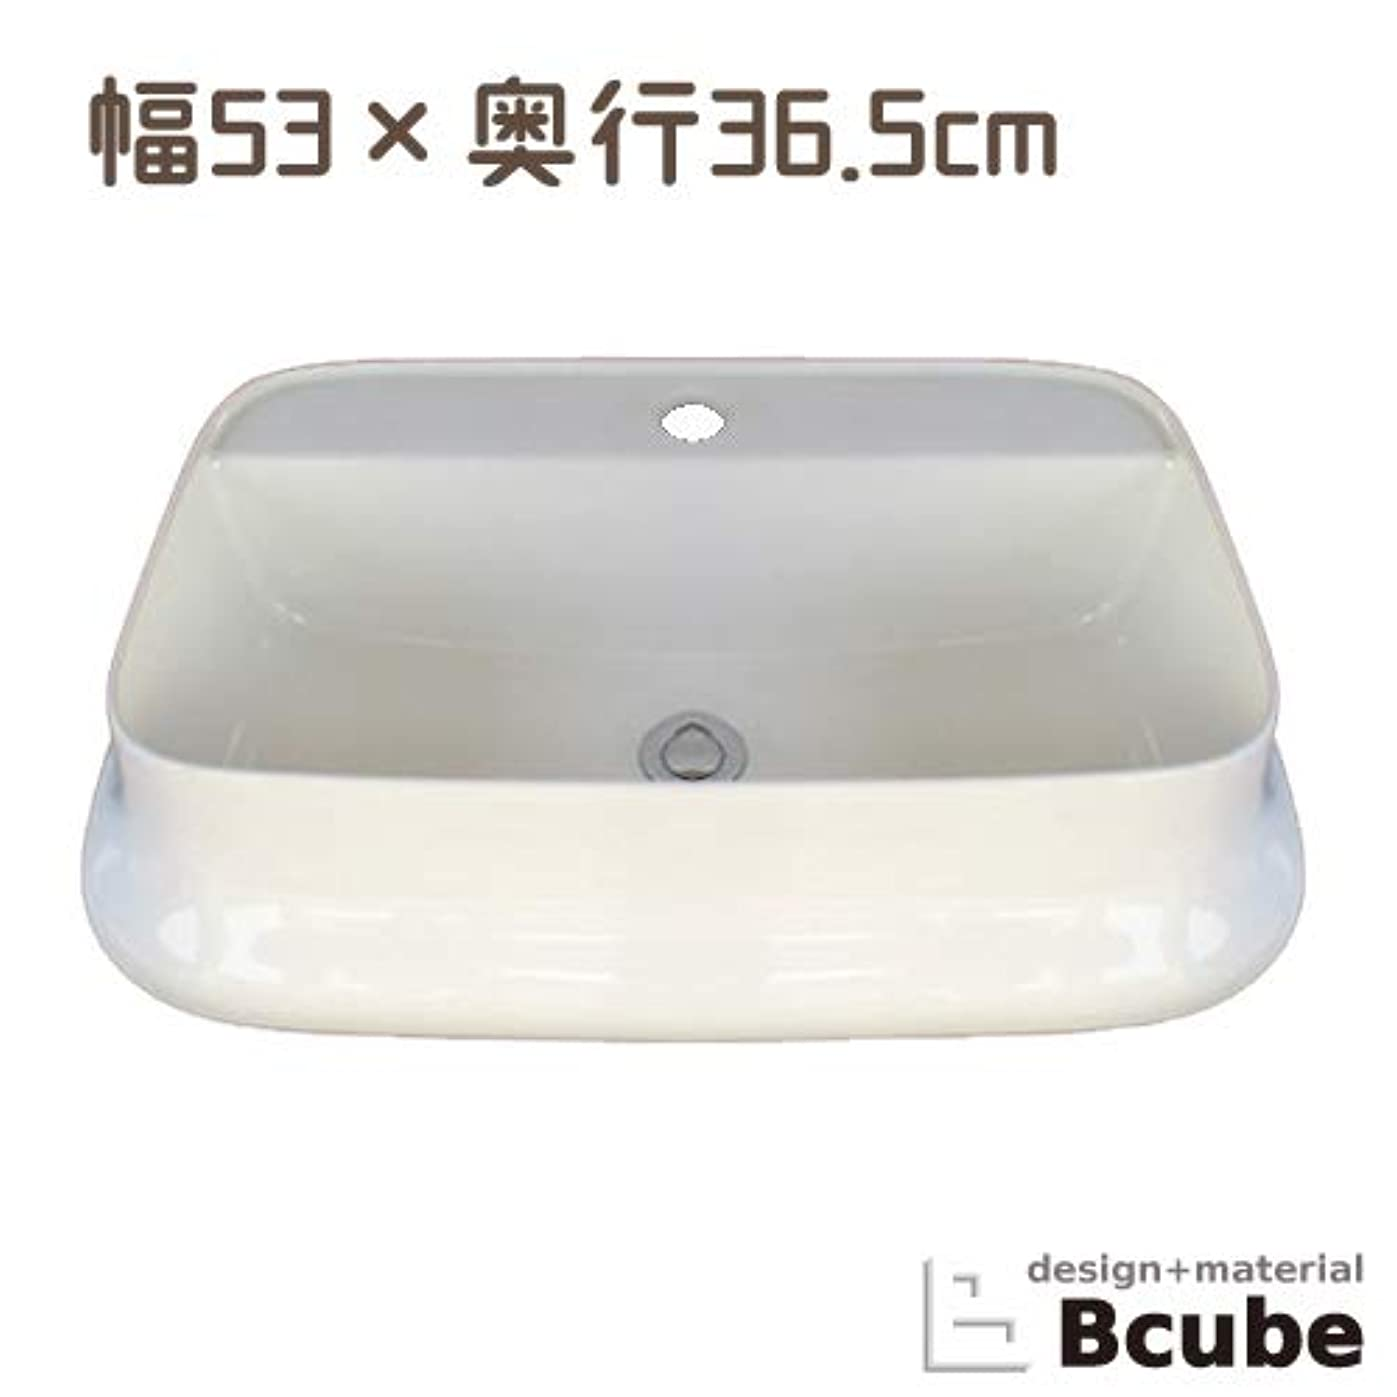 変形反論アッパー洗面ボウル 陶器 オンカウンタータイプ オーバーフロー無し スクエア ホワイト 幅53×奥行36.5×高14cm INK-0402038H